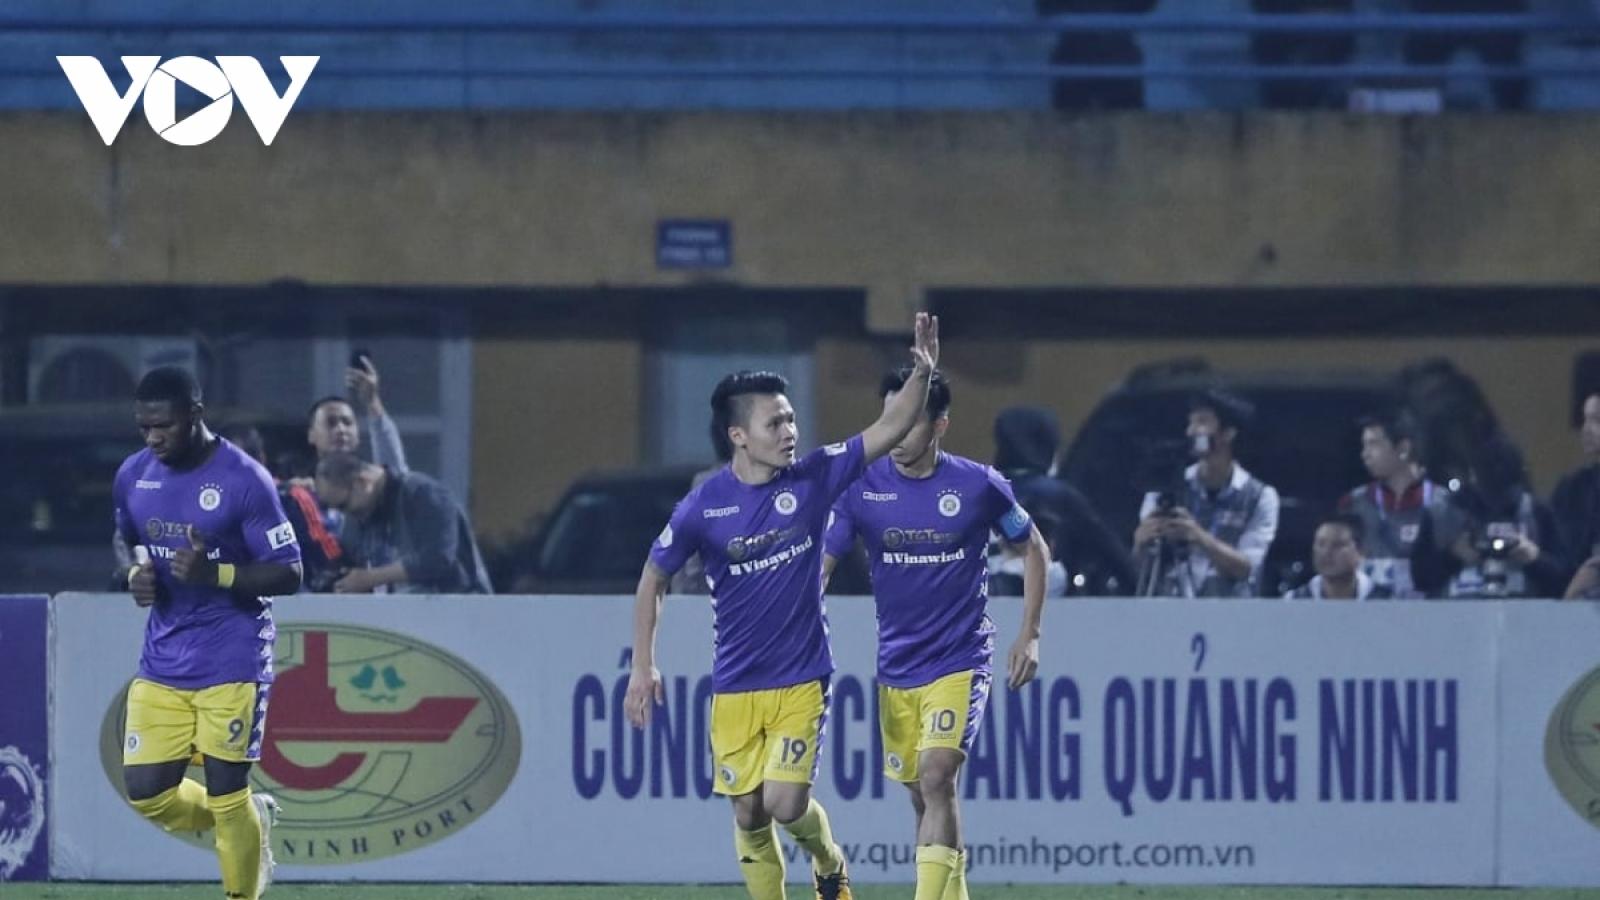 HLV Hà Nội FC đã làm gì để giúp Quang Hải tỏa sáng rực rỡ trước sóng gió đời tư?